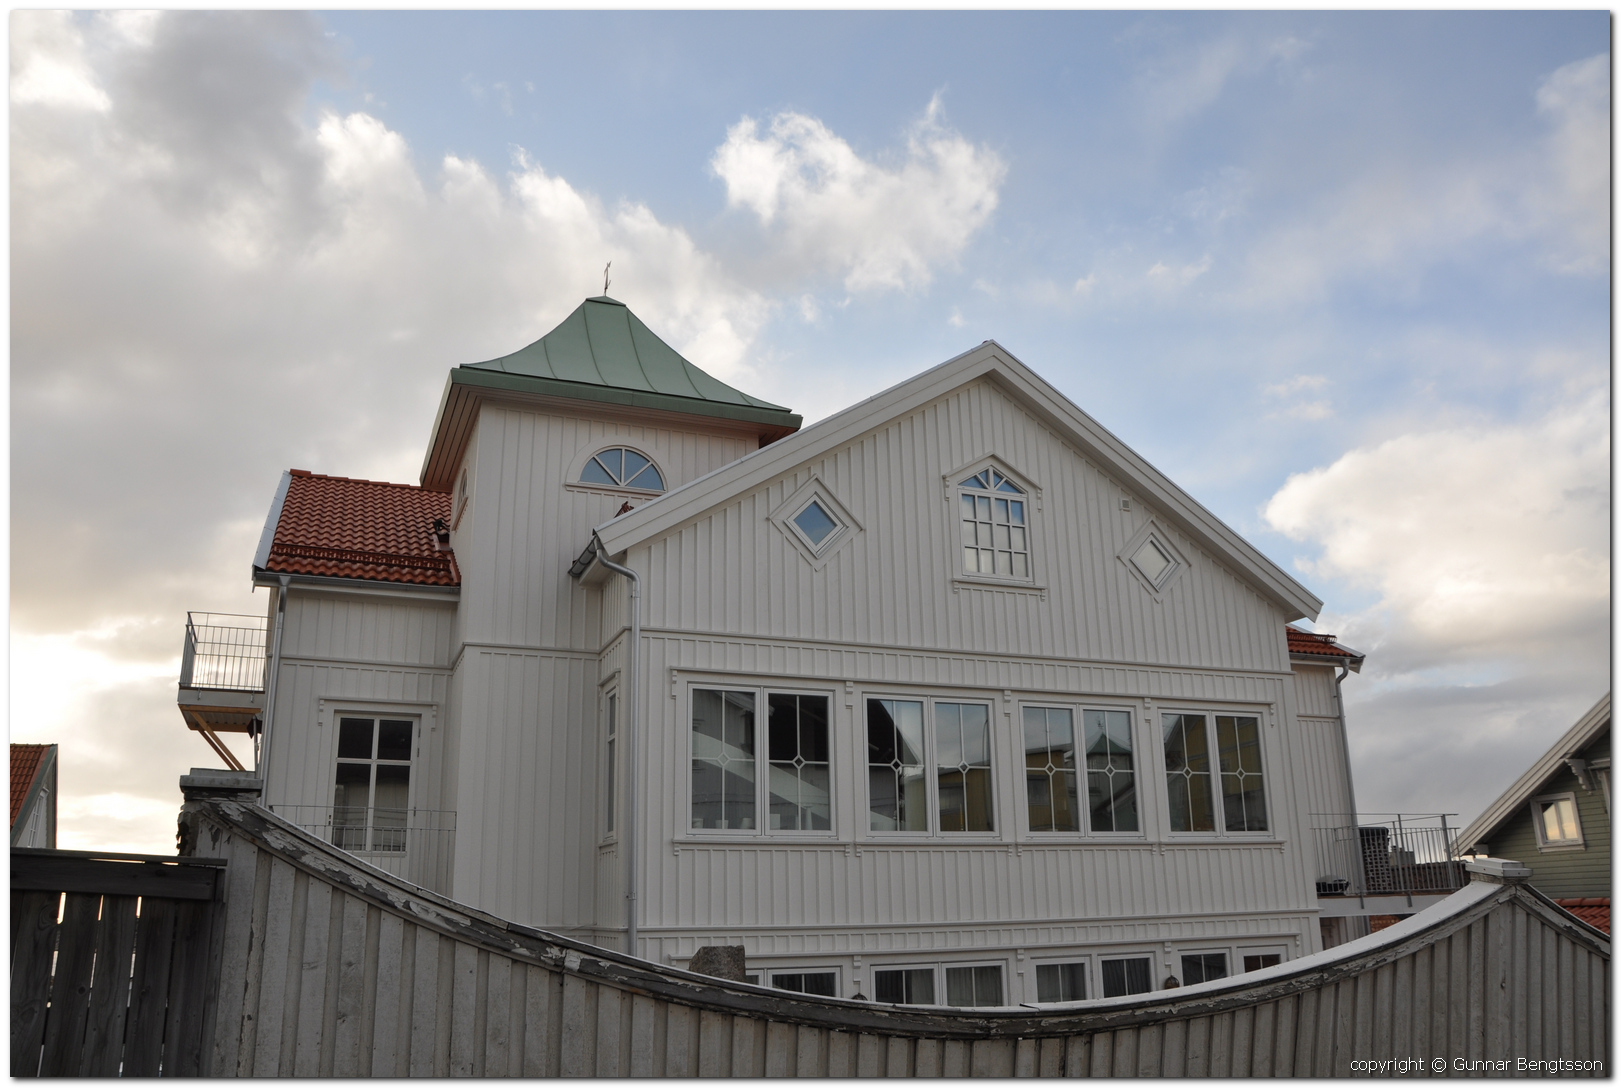 bohuslan_norge_2012-04-01_dsc_3460